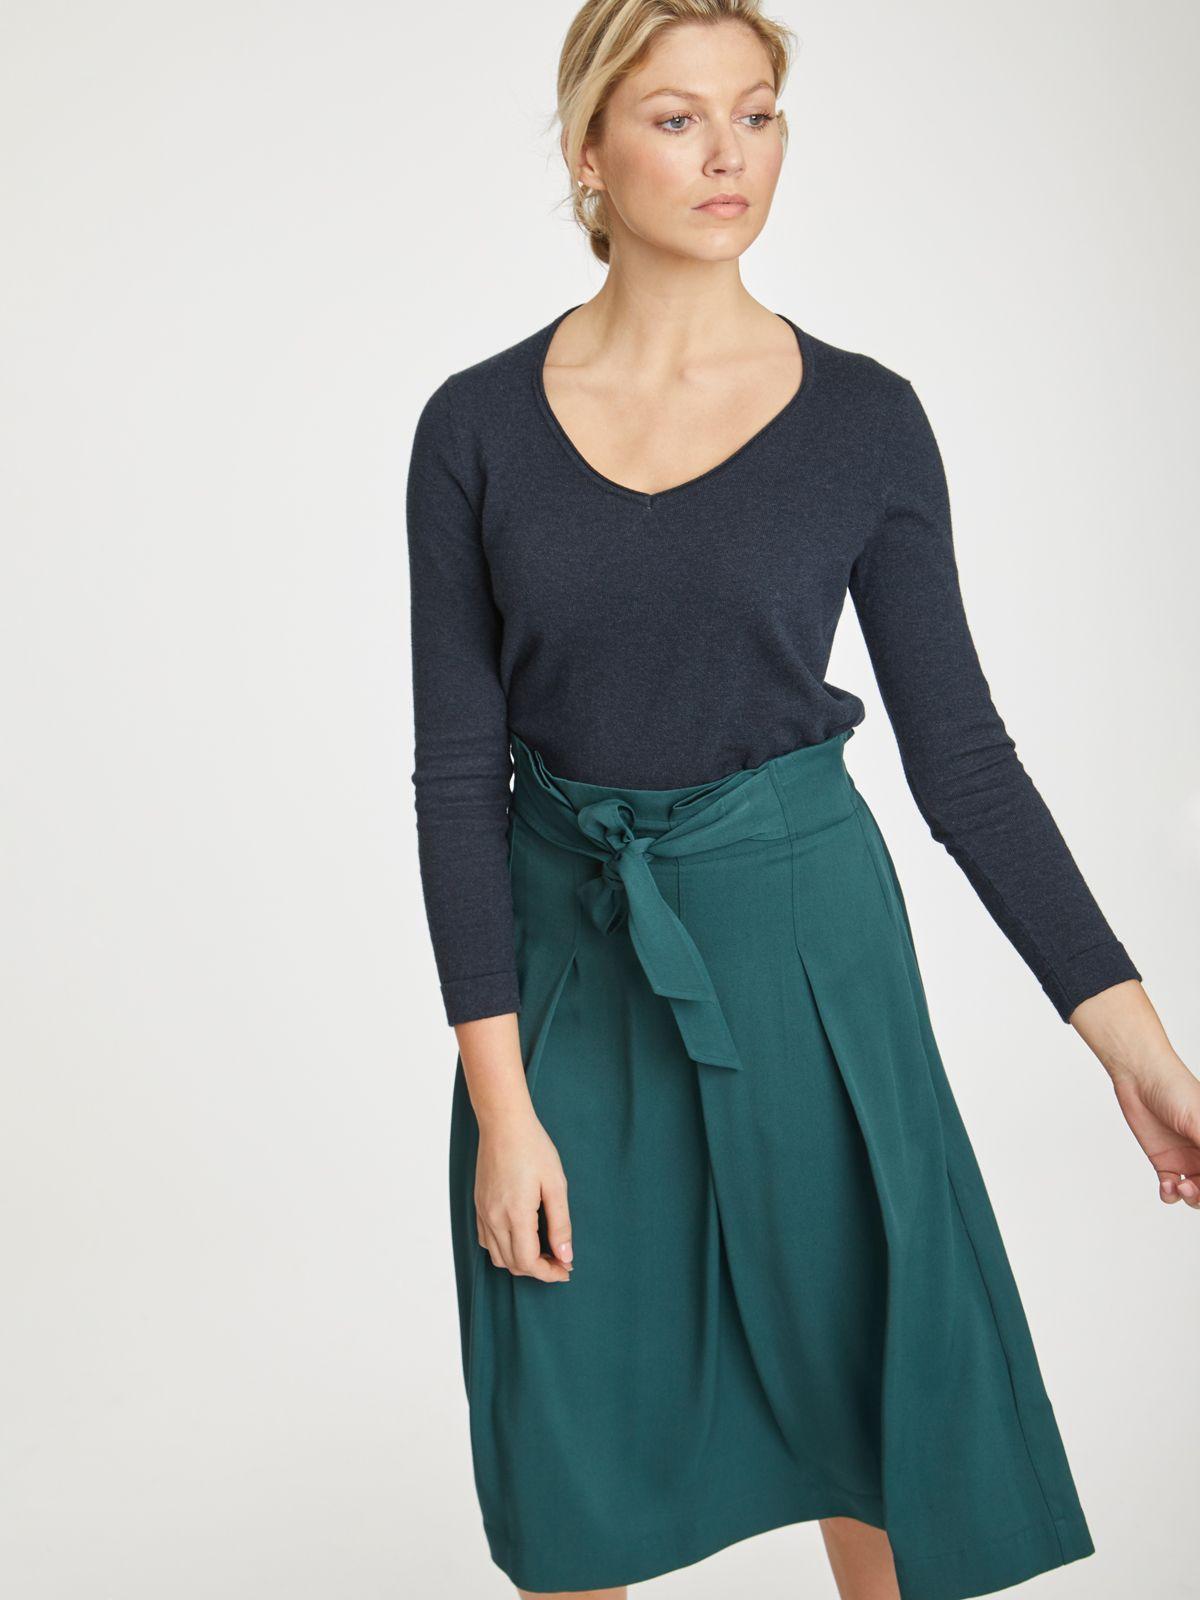 wwb4395-deep-teal–green-kalmara-green-paper-bag-waist-modal-skirt–1(2)